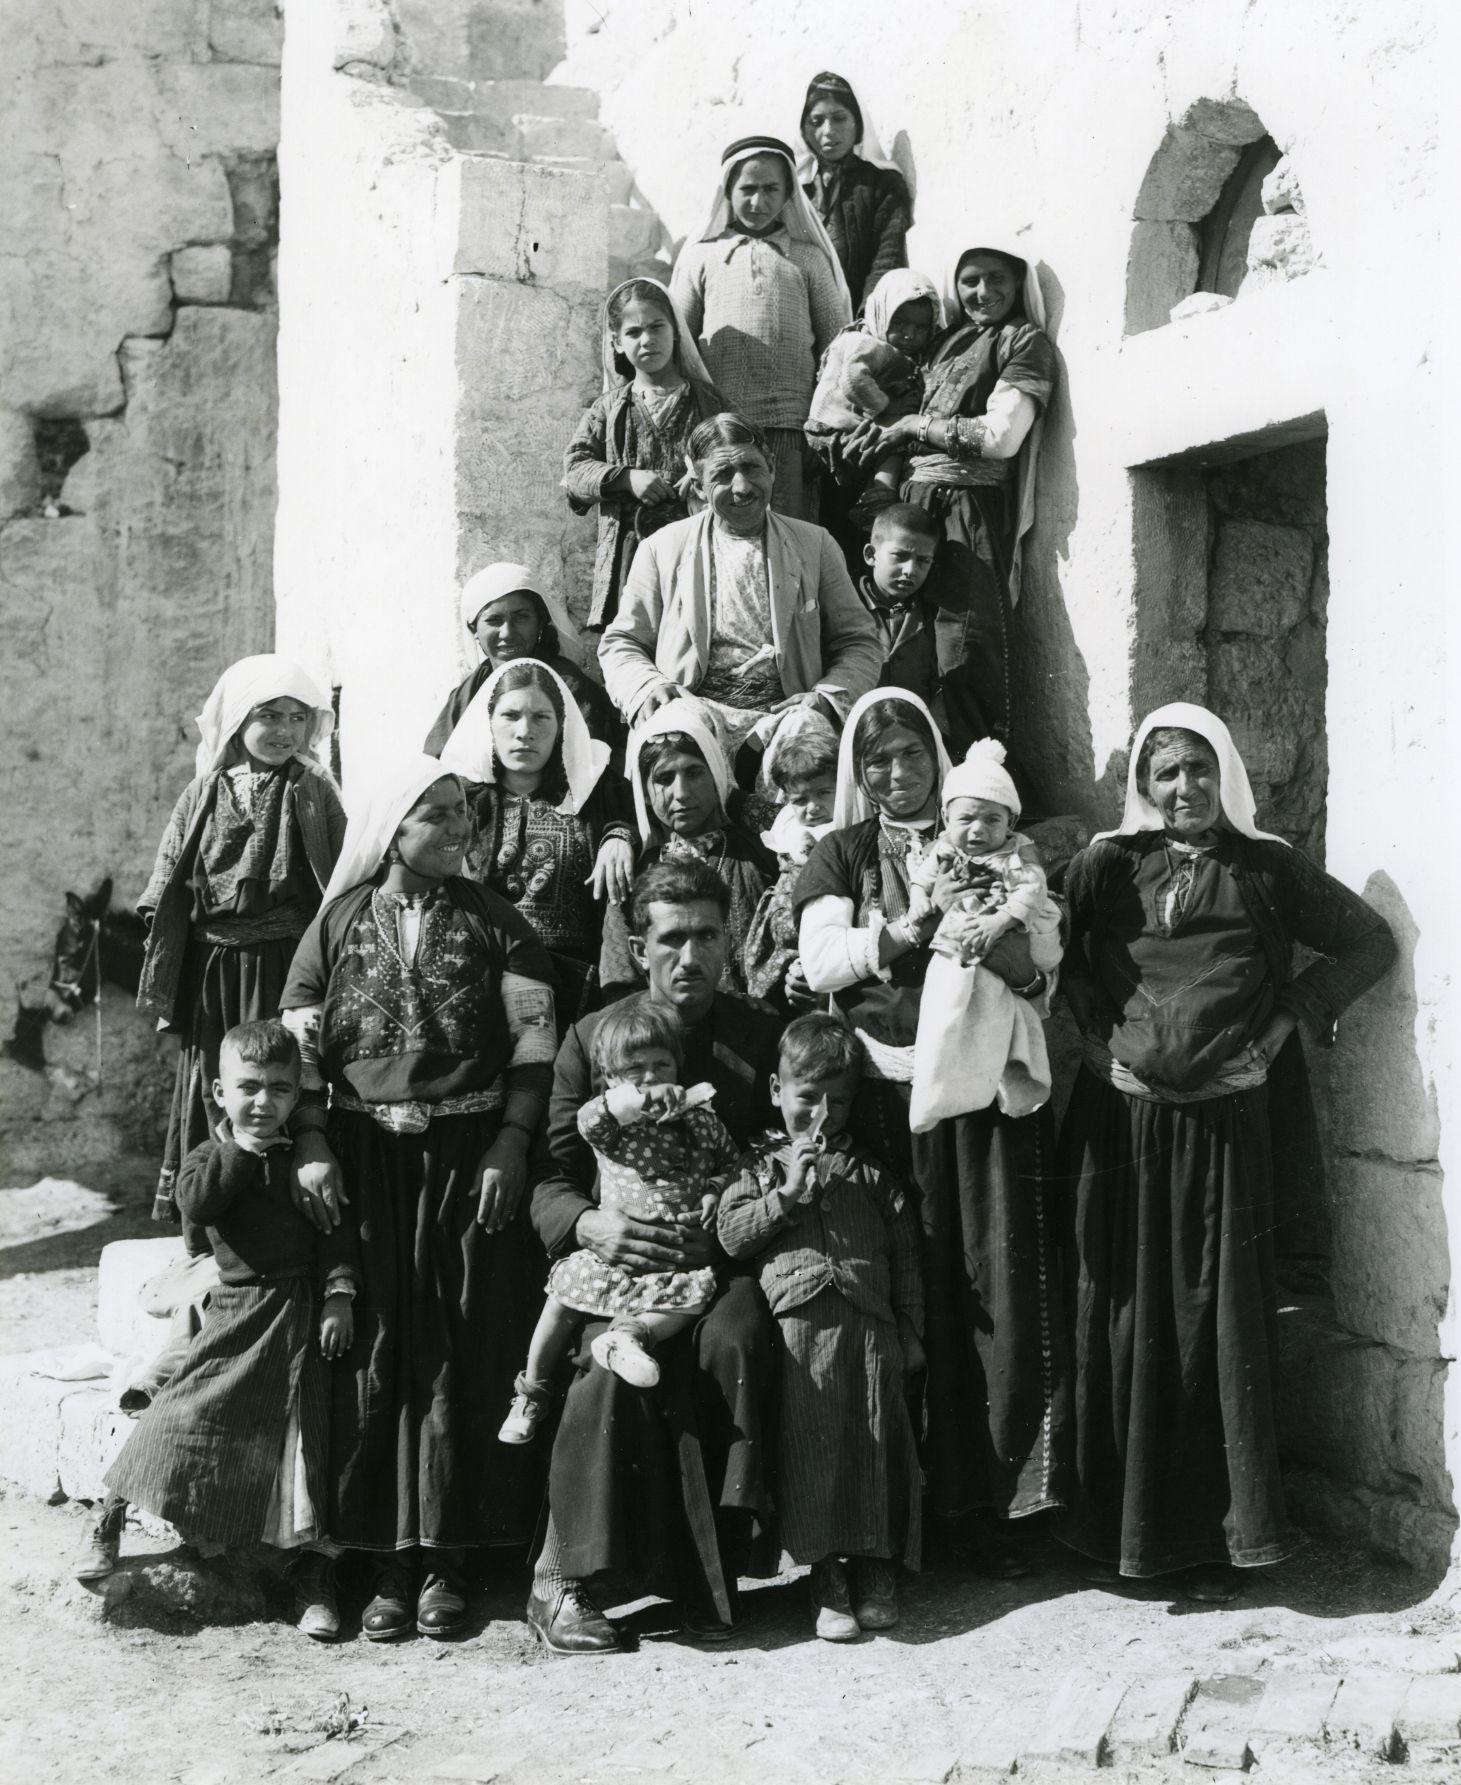 عائلة من منطقة بيت لحم 1930 (تصوير خليل رعد)